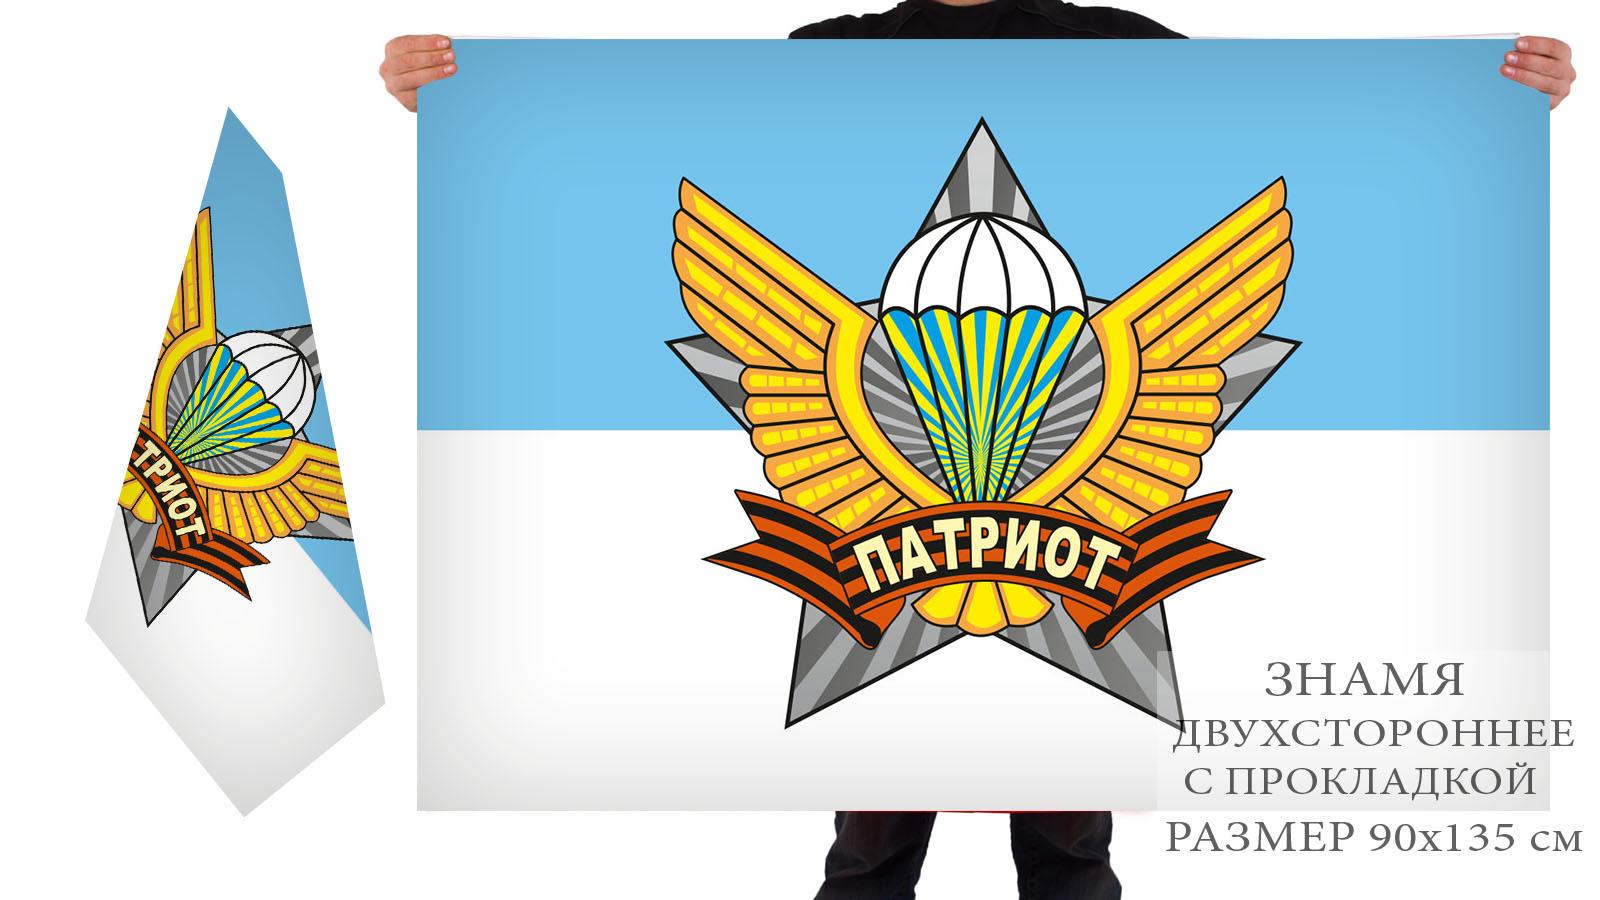 """Двусторонний флаг молодёжной оборонной спортивно-технической организации """"Патриот"""""""